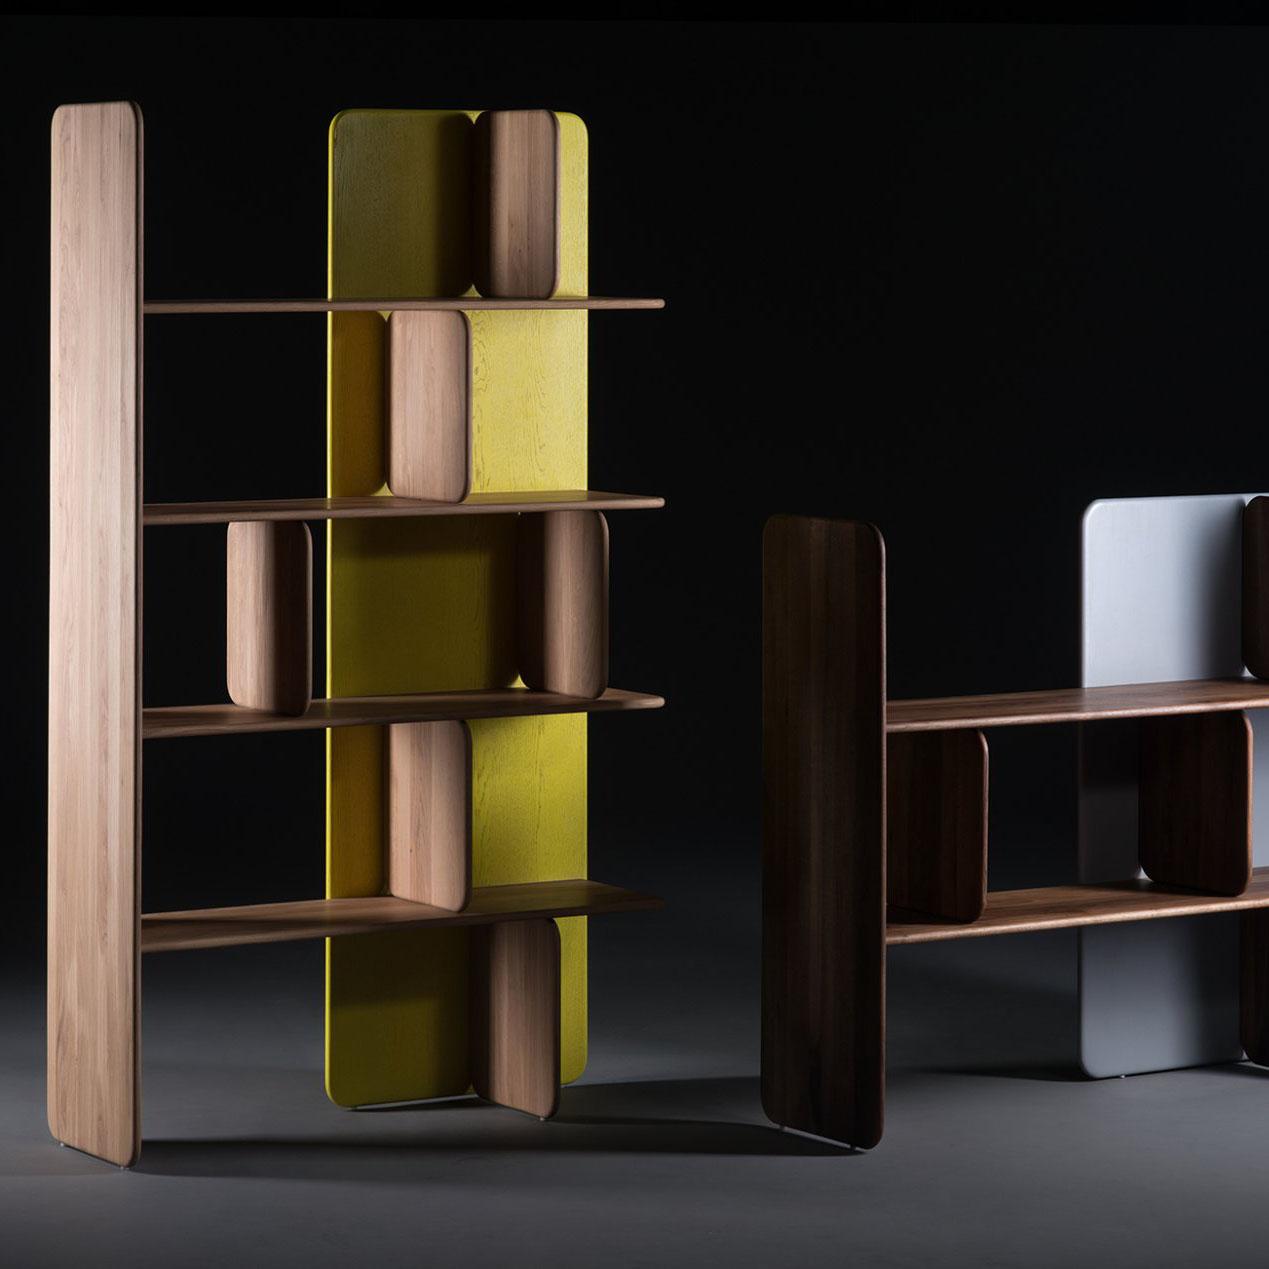 Mueble modular doft en madera de dise o moderno en europa for Diseno de muebles de madera modernos